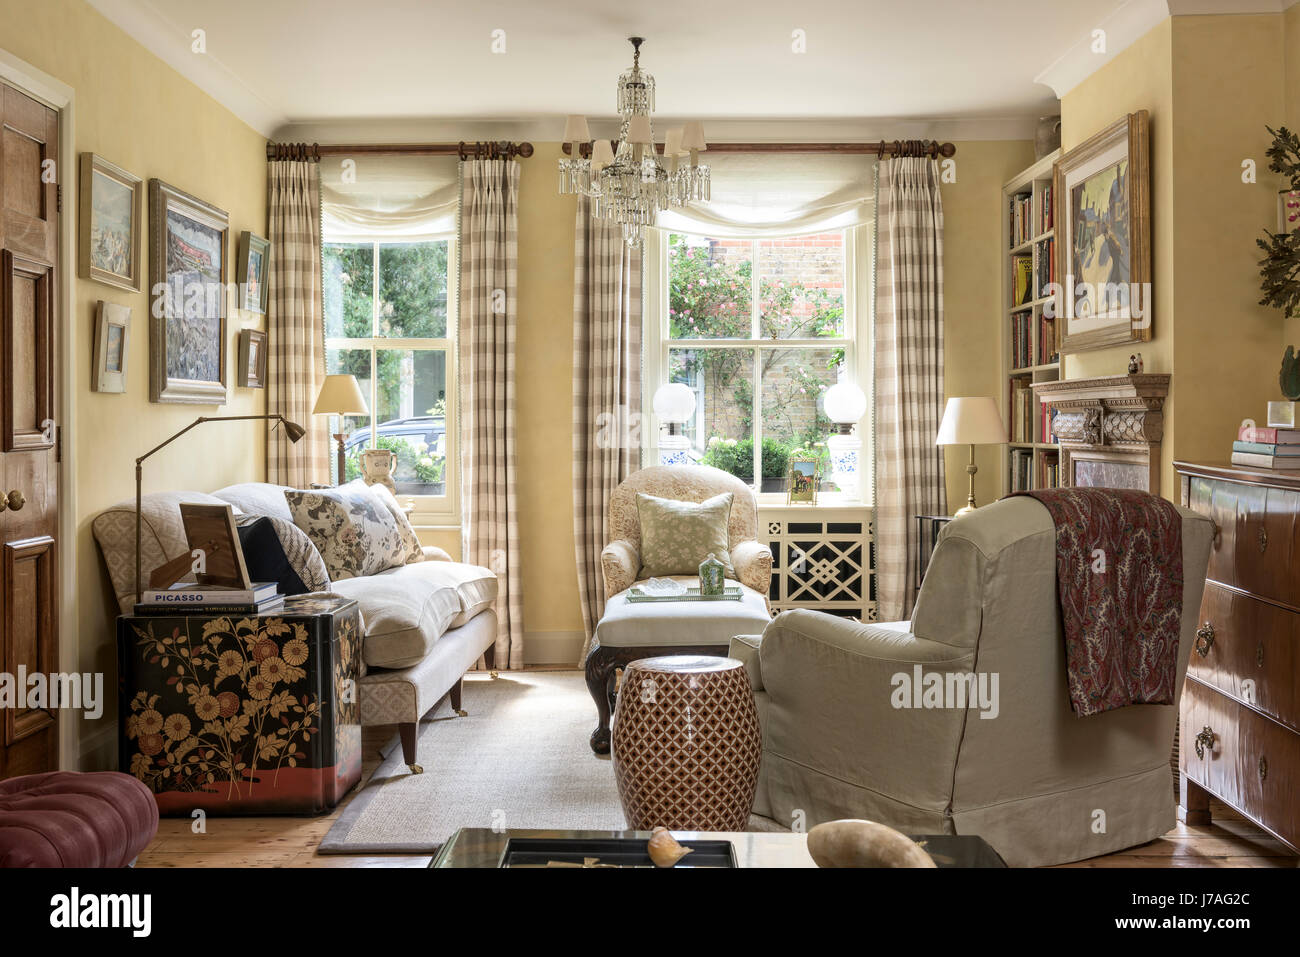 Uno stile tradizionale inglese soggiorno con stile howard for Case stile inglese interni